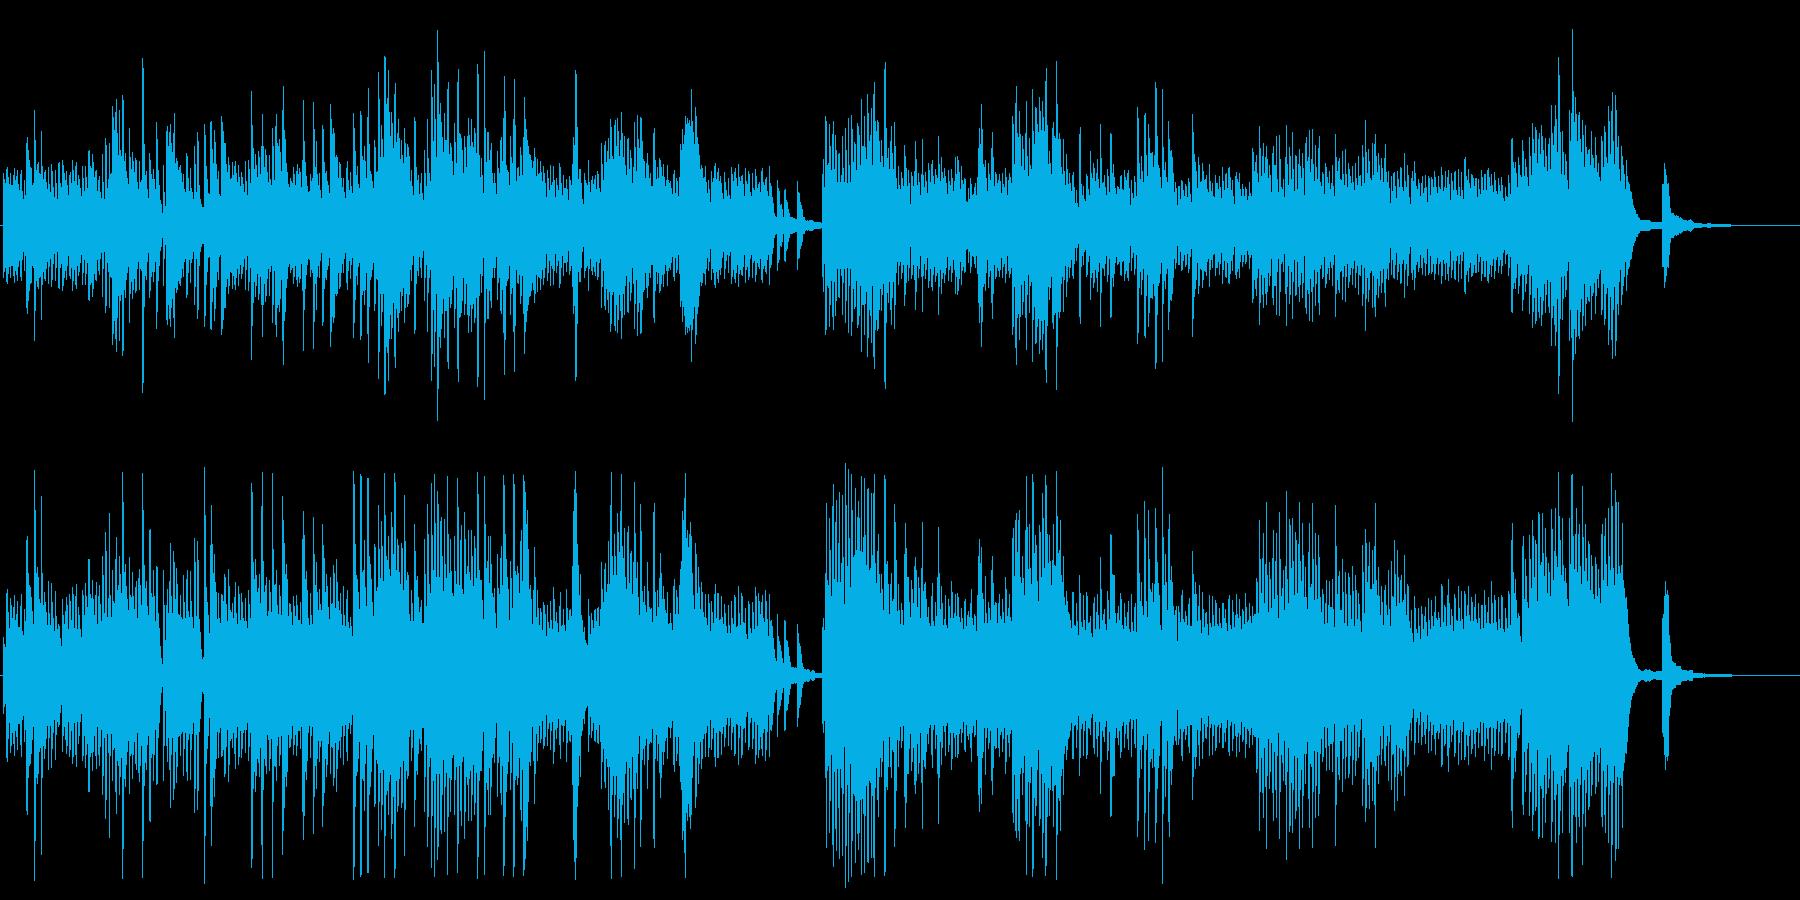 静かでミステリアスなピアノメロディーの再生済みの波形